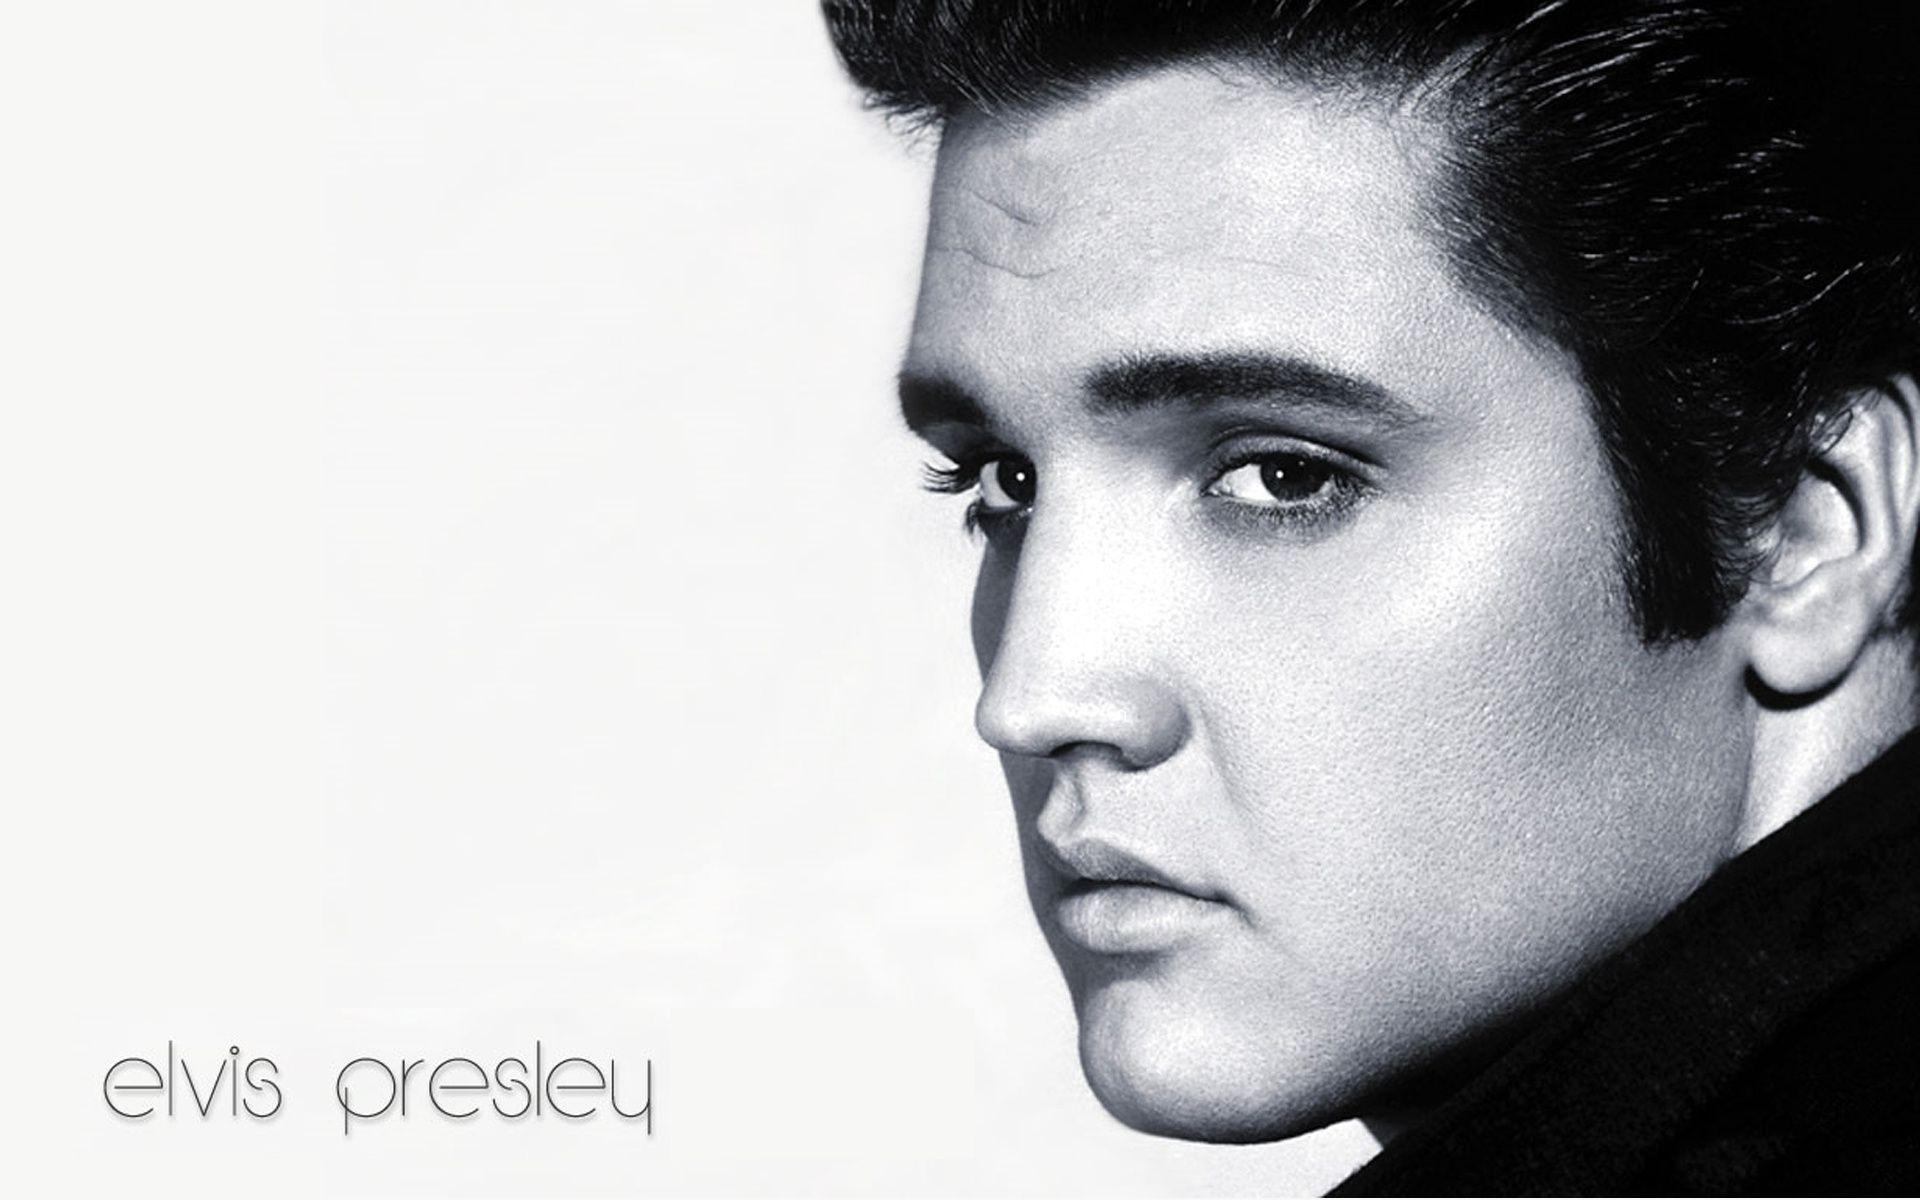 Elvis Presley Gallery